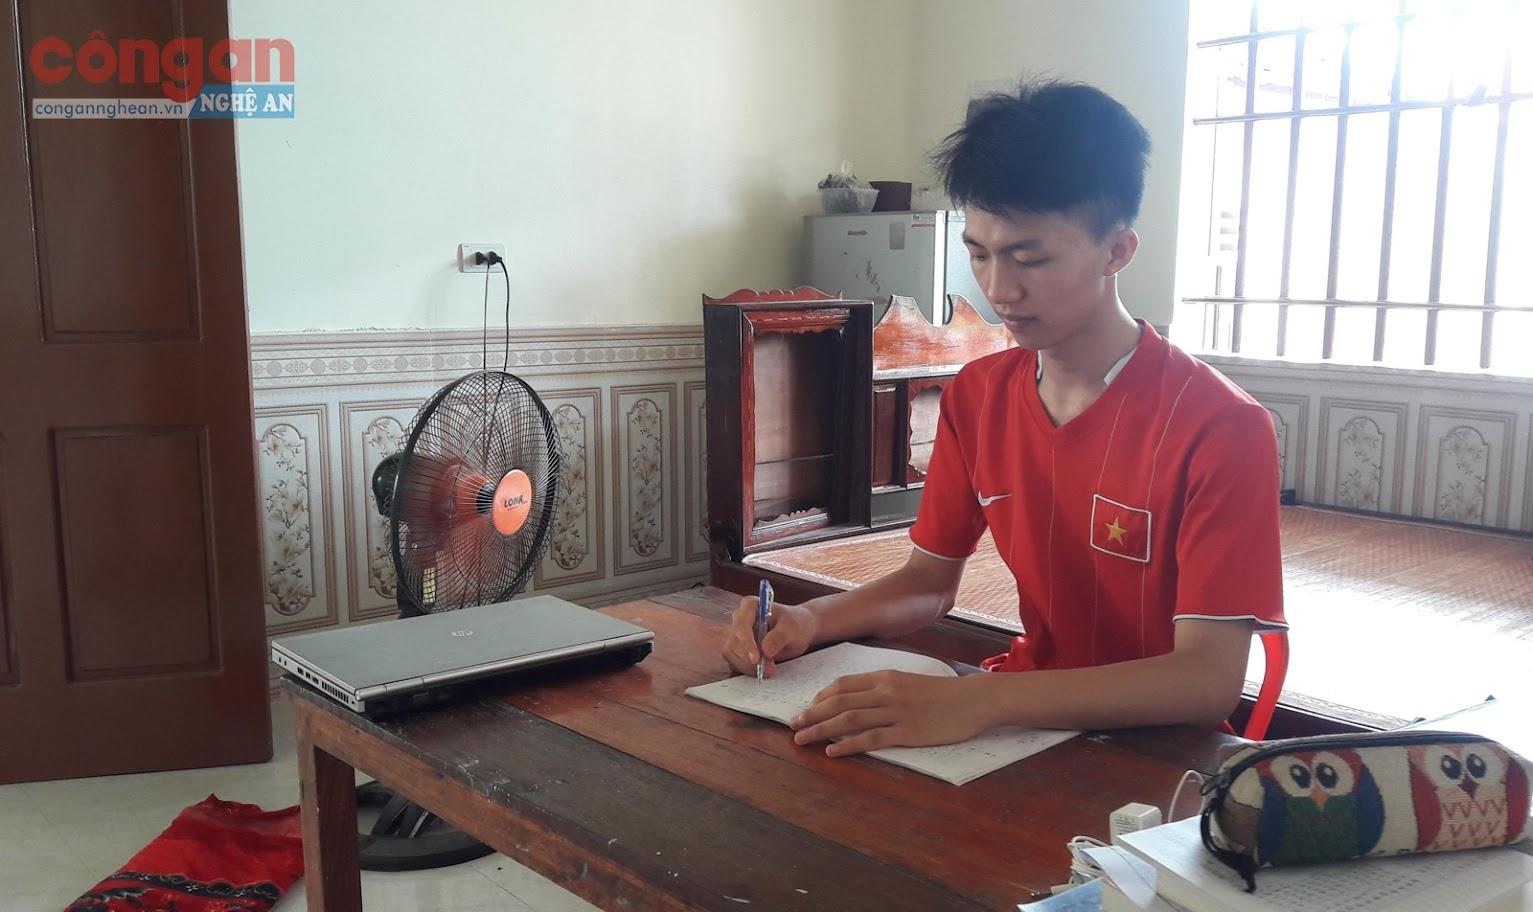 Niềm vui của Hoàng Viết Hậu khi đạt điểm cao, có cơ hội                                         vào Trường Đại học Ngoại thương Hà Nội ở kỳ tuyển sinh sắp tới